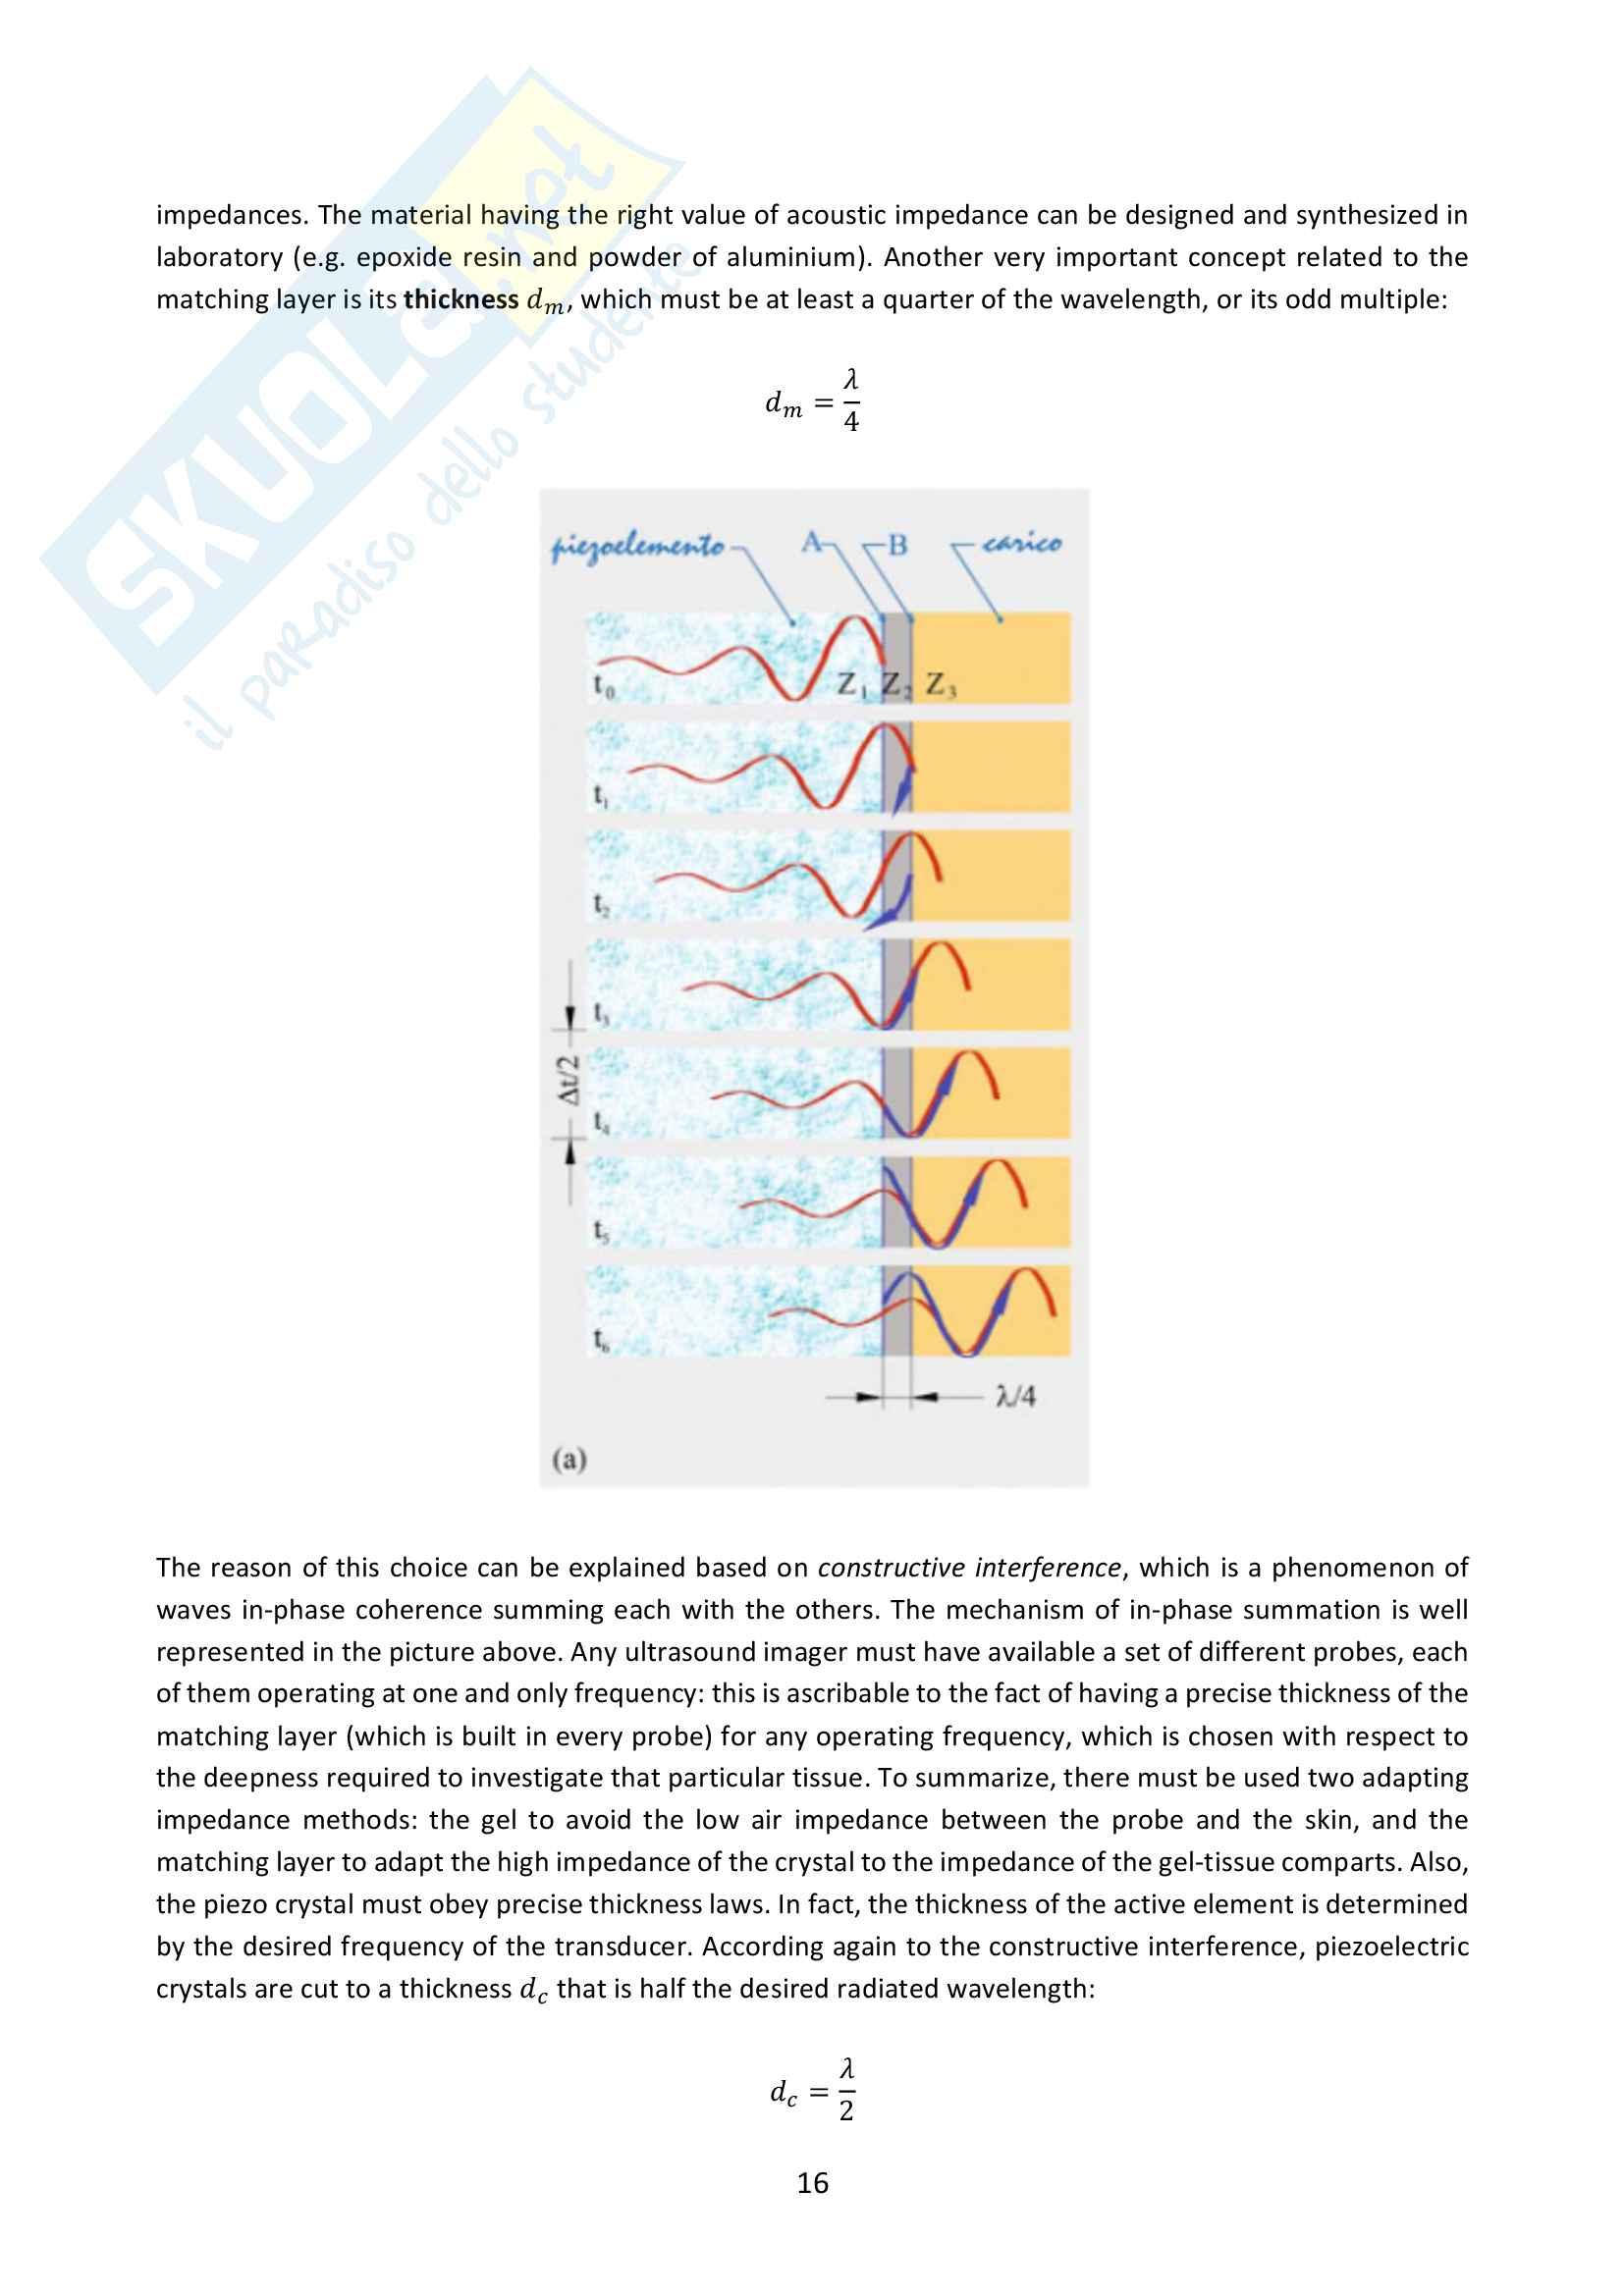 Applied measurement techniques Pag. 16